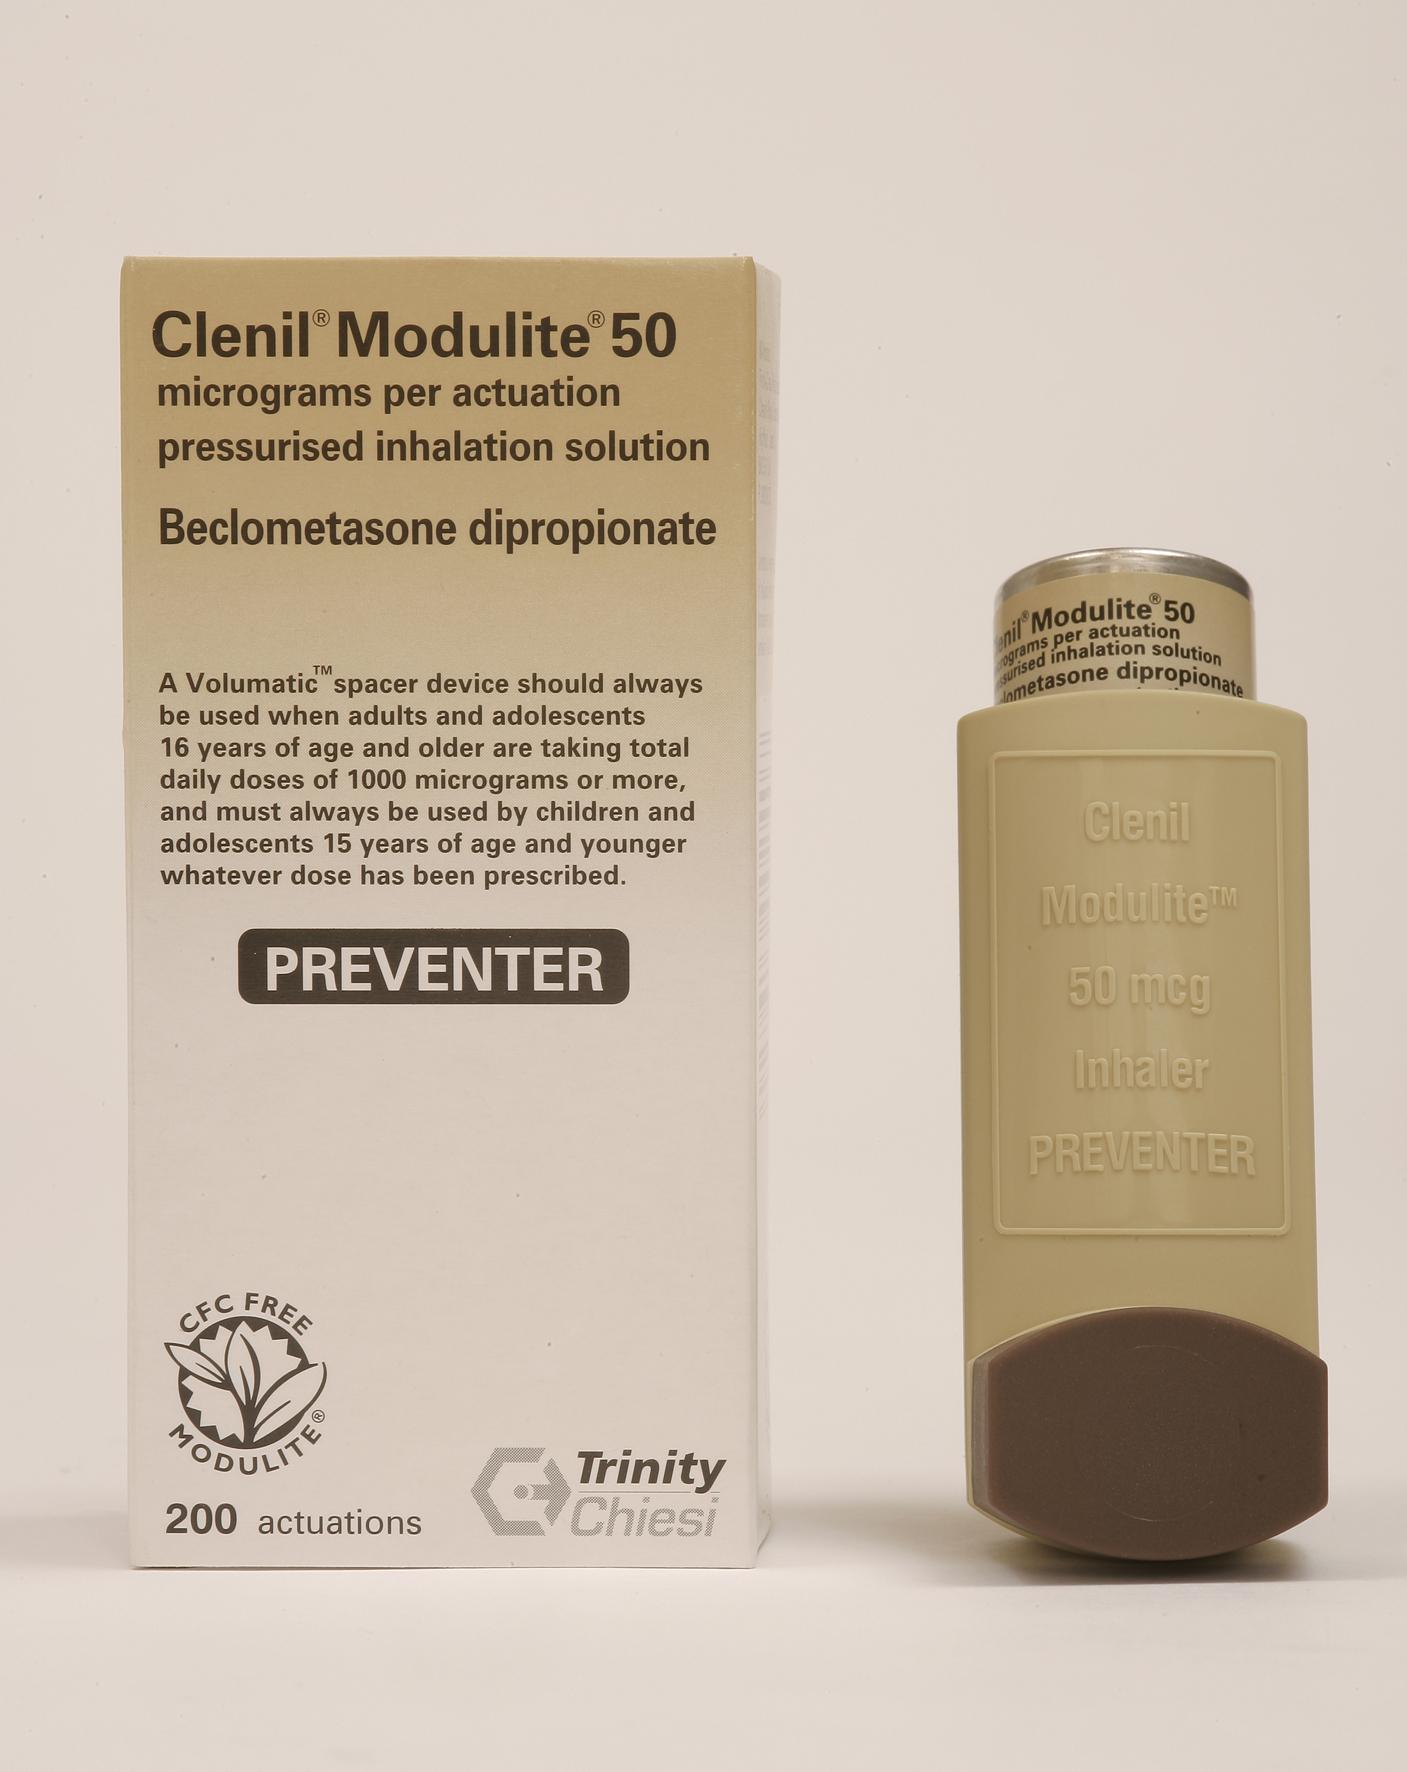 ventolin and steroid inhaler